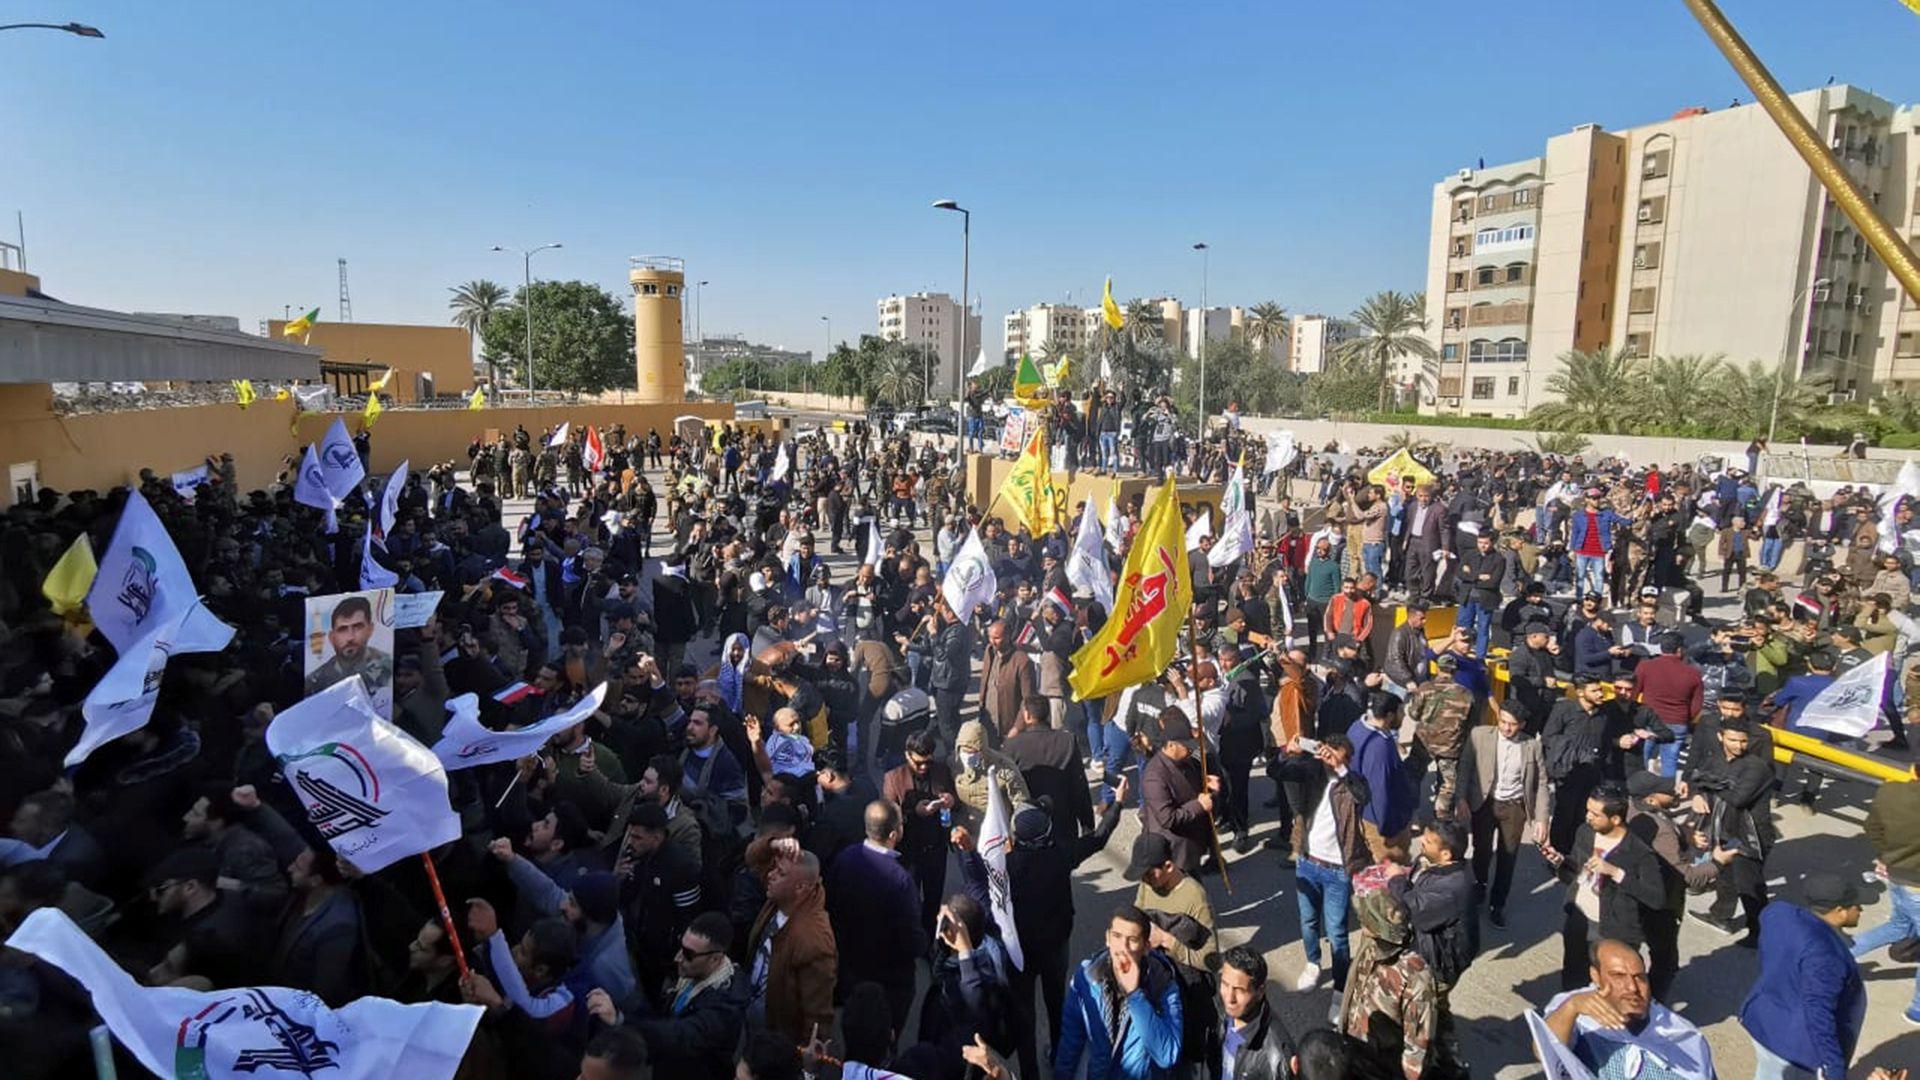 Miles de personas llegaron hasta la embajada este 31 de diciembre (Reuters)